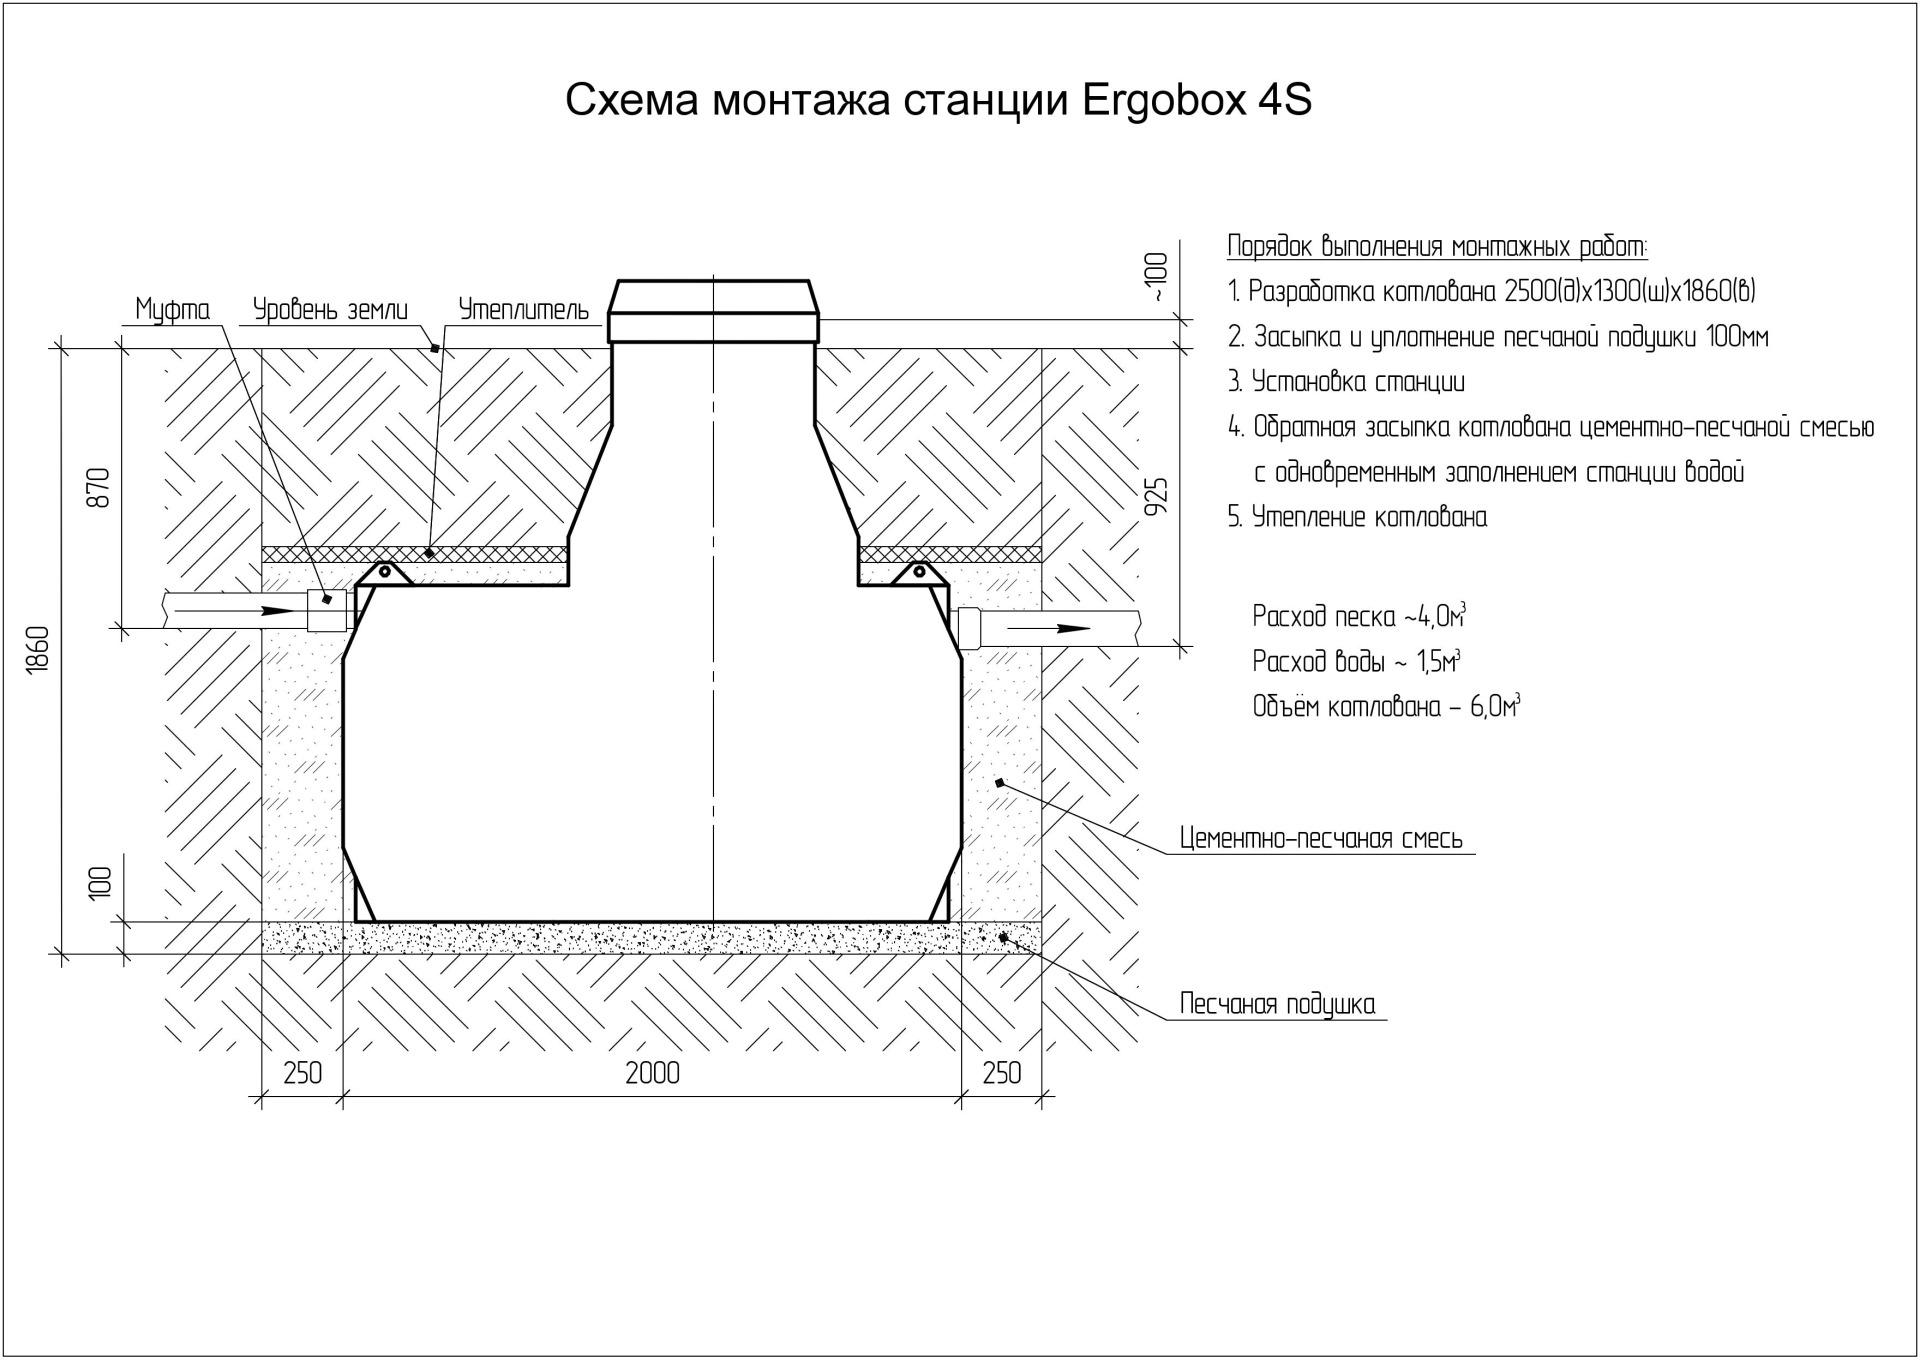 Монтажная схема Эргобокс 4 S